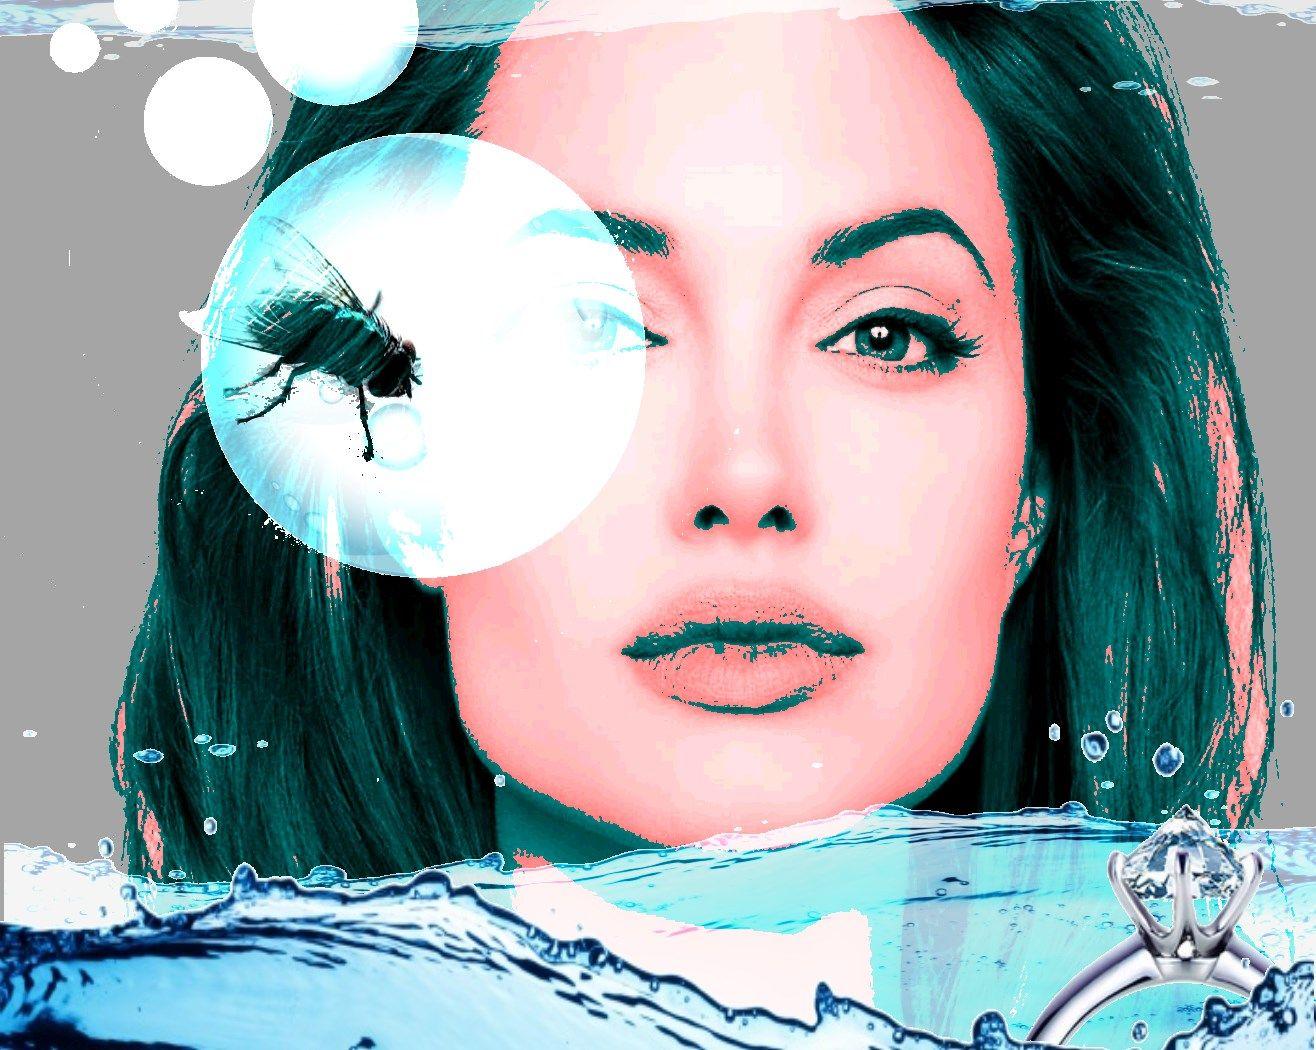 et ansigt + en flue + dråber + en ring + noget vand. Lavet i Paint.net - hvert billedelement ligger i sit eget lag